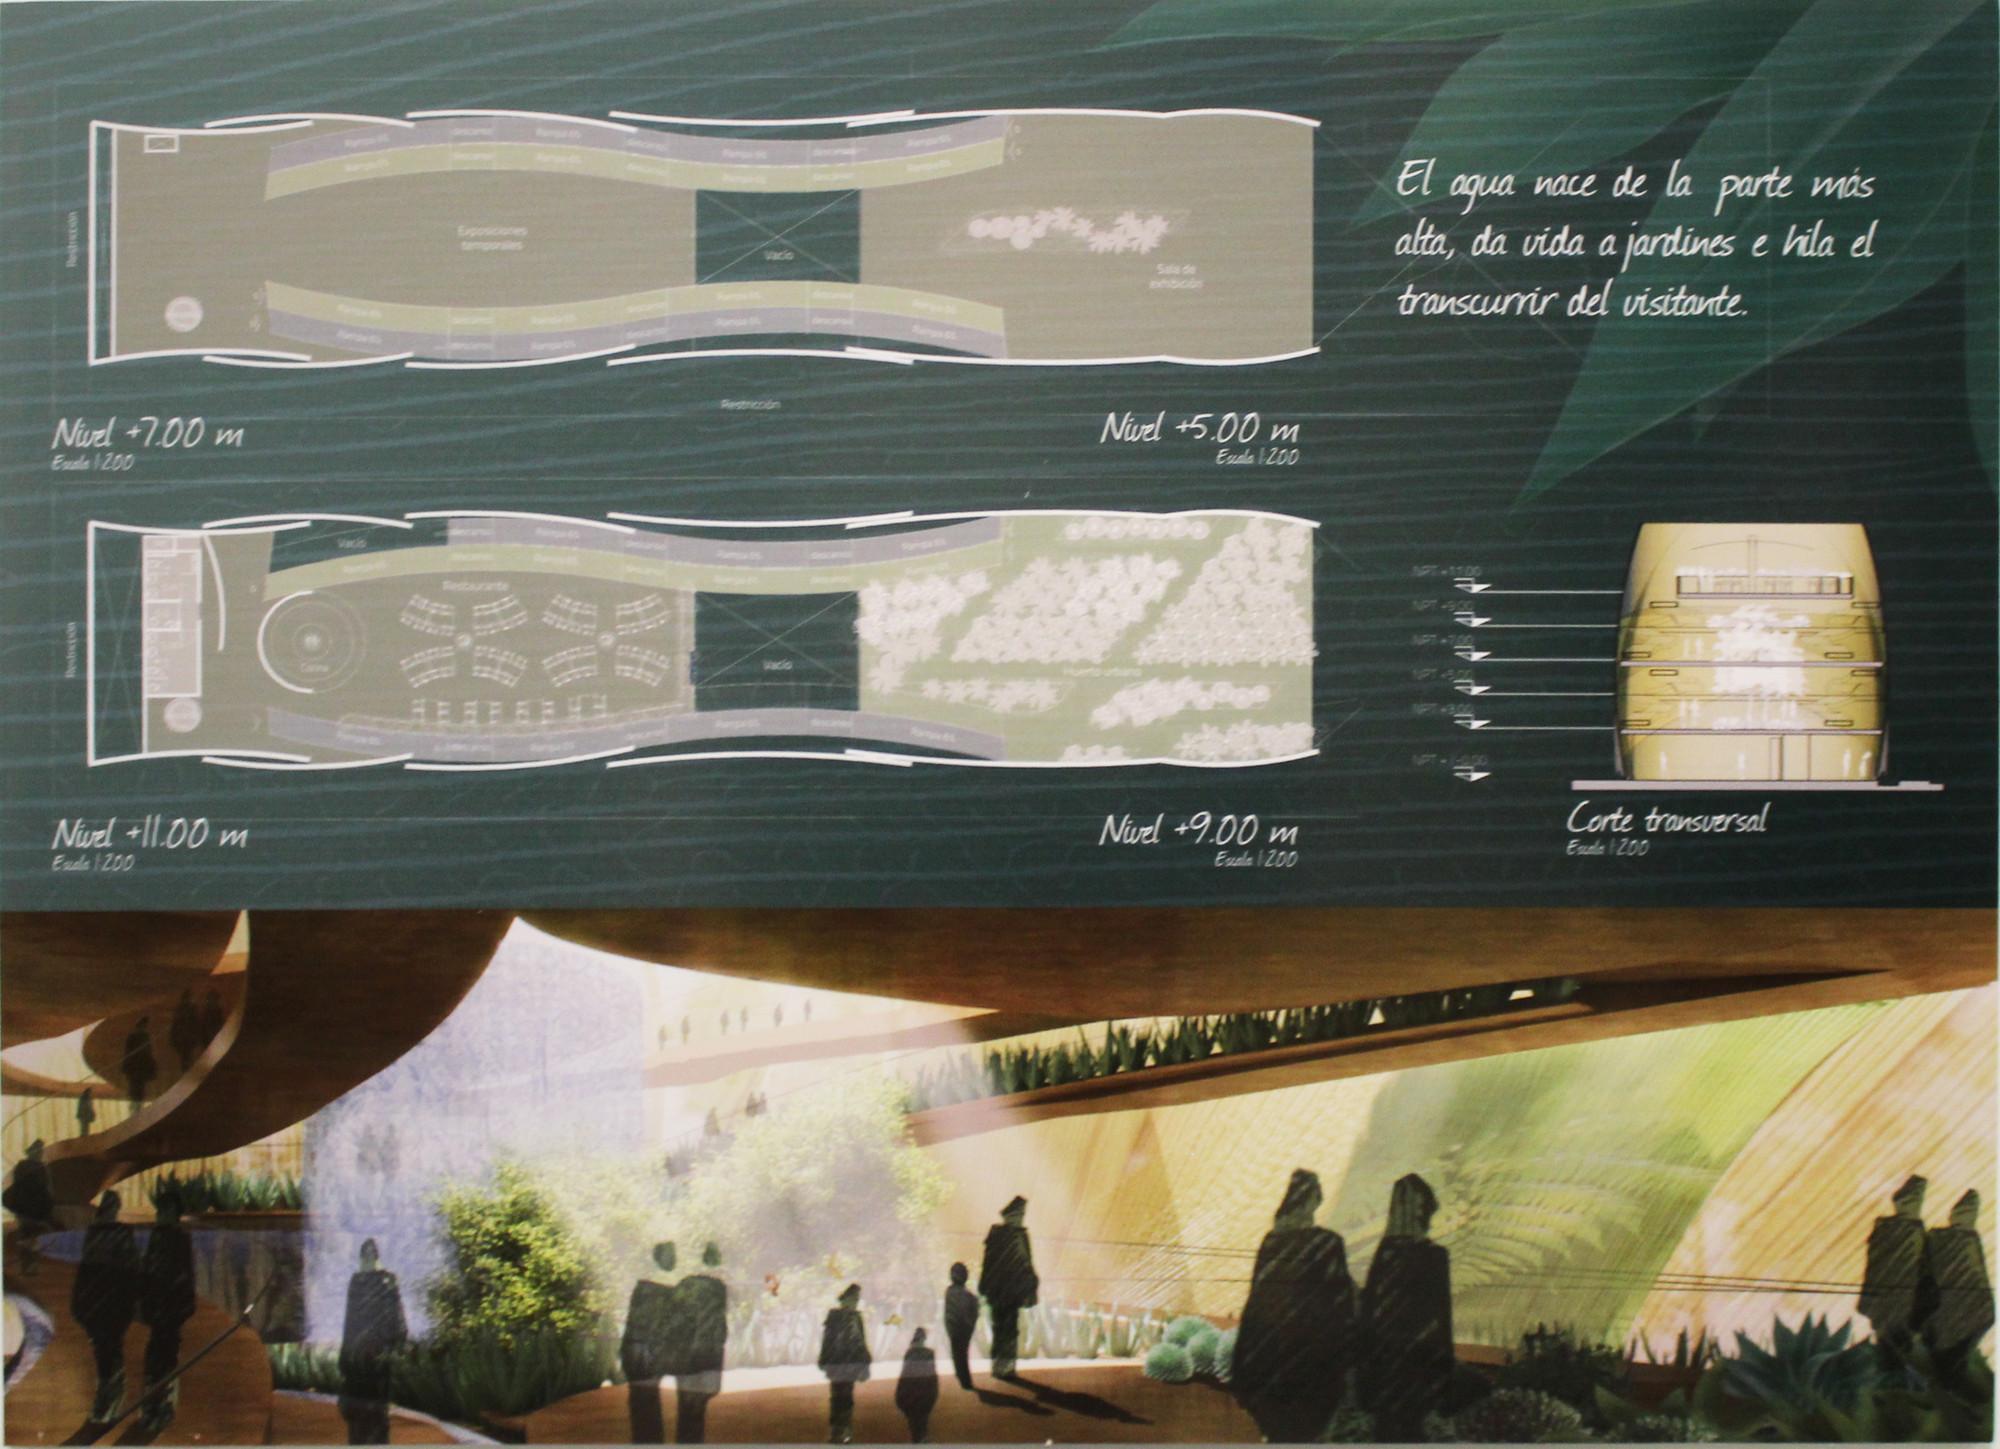 Propuesta ganadora para el Pabellón de México en la Expo Milán 2015